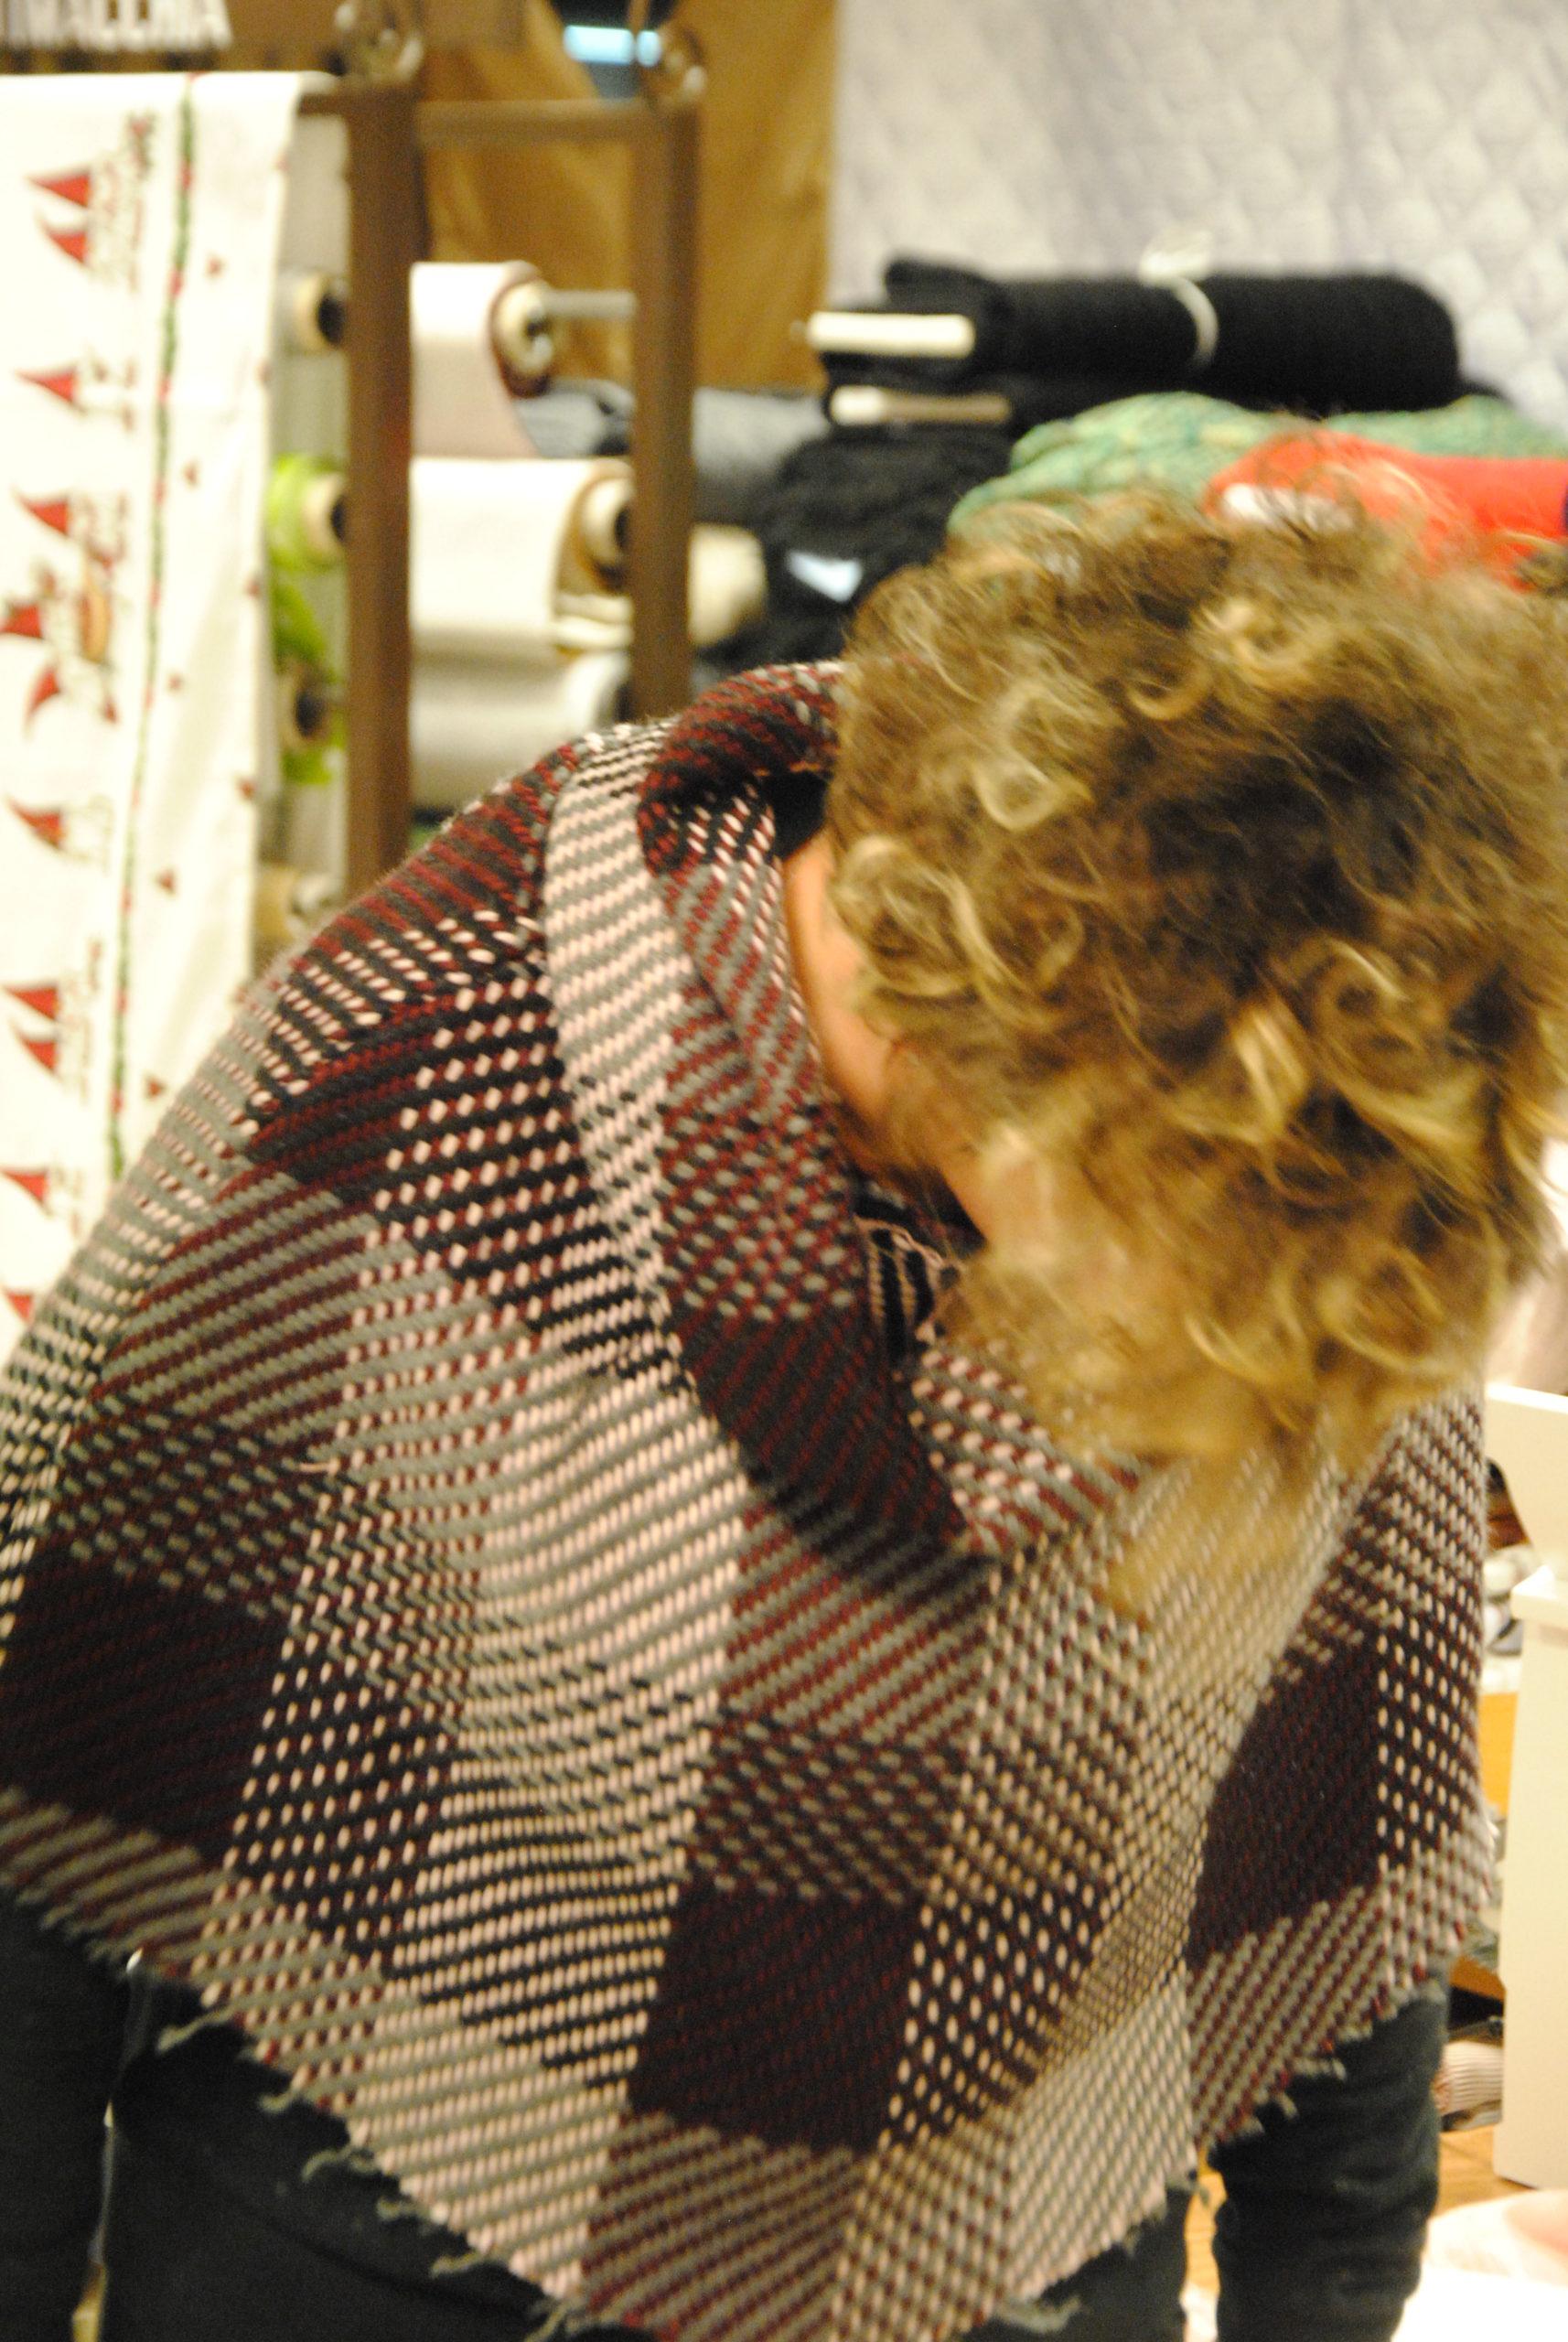 DSC 0504 scaled Scacco Matto   lana da mantella